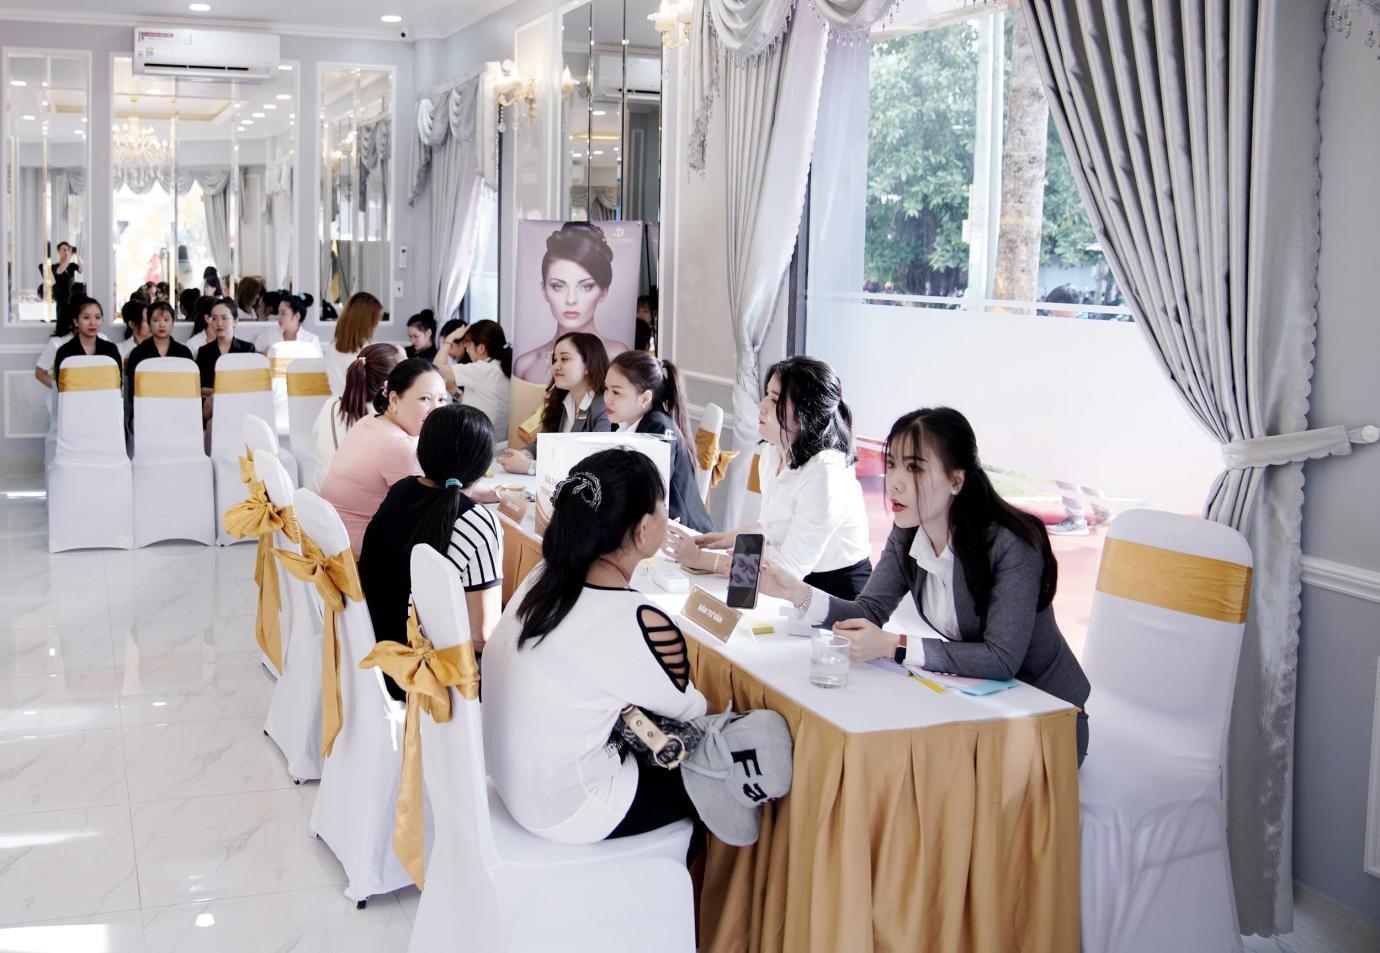 Viện thẩm mỹ Diva chi nhánh Trà Vinh kín khách trong tuần đầu khai trương - Ảnh 3.